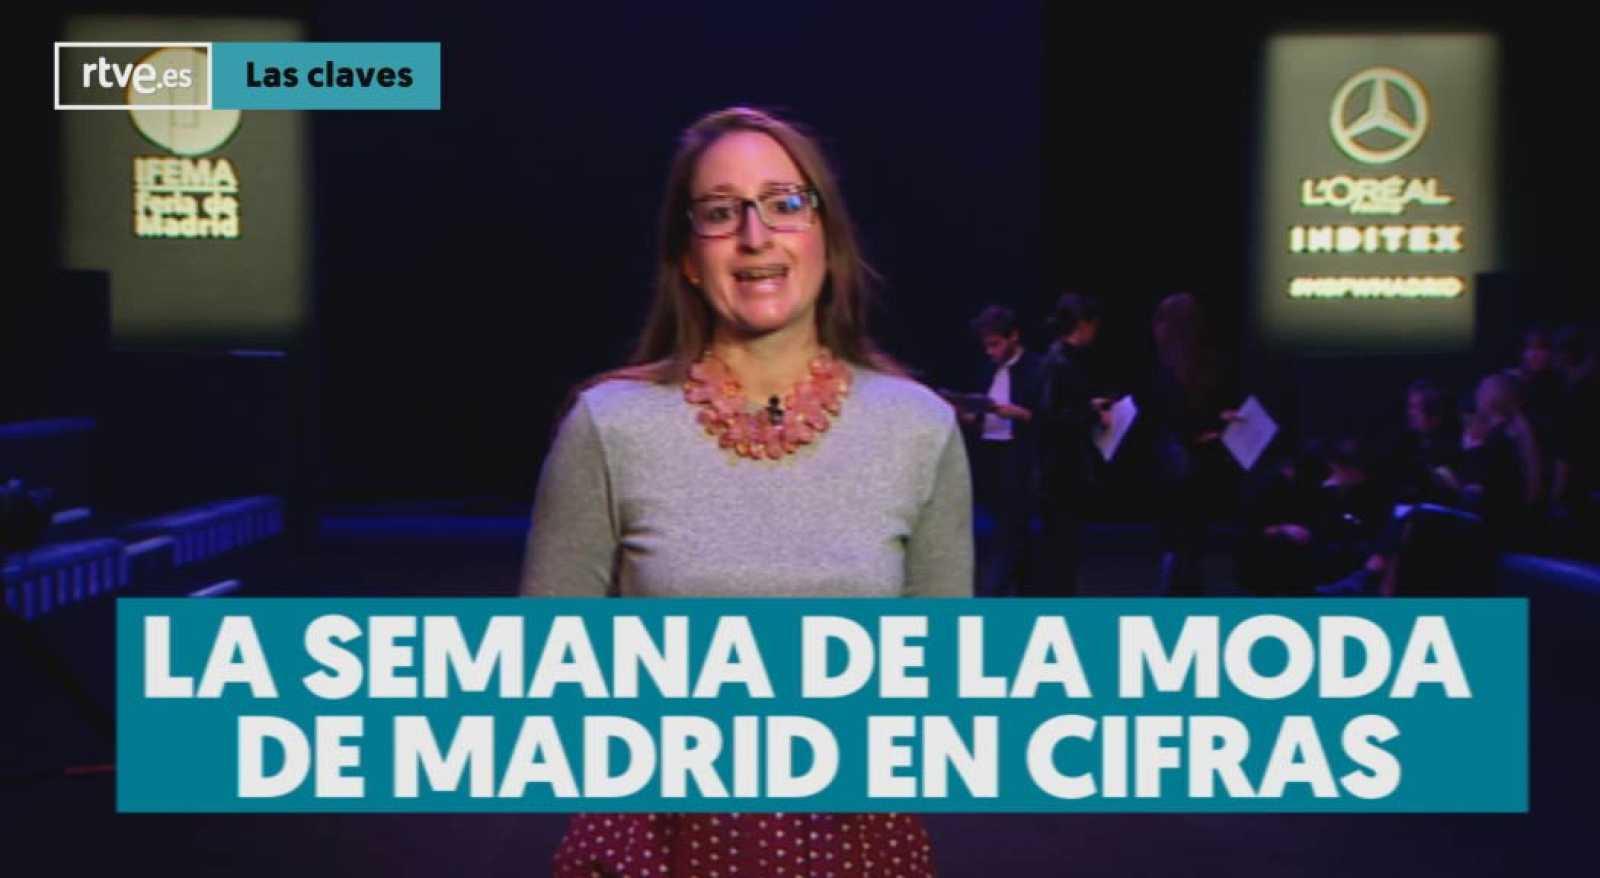 La semana de la moda de Madrid, en cifras